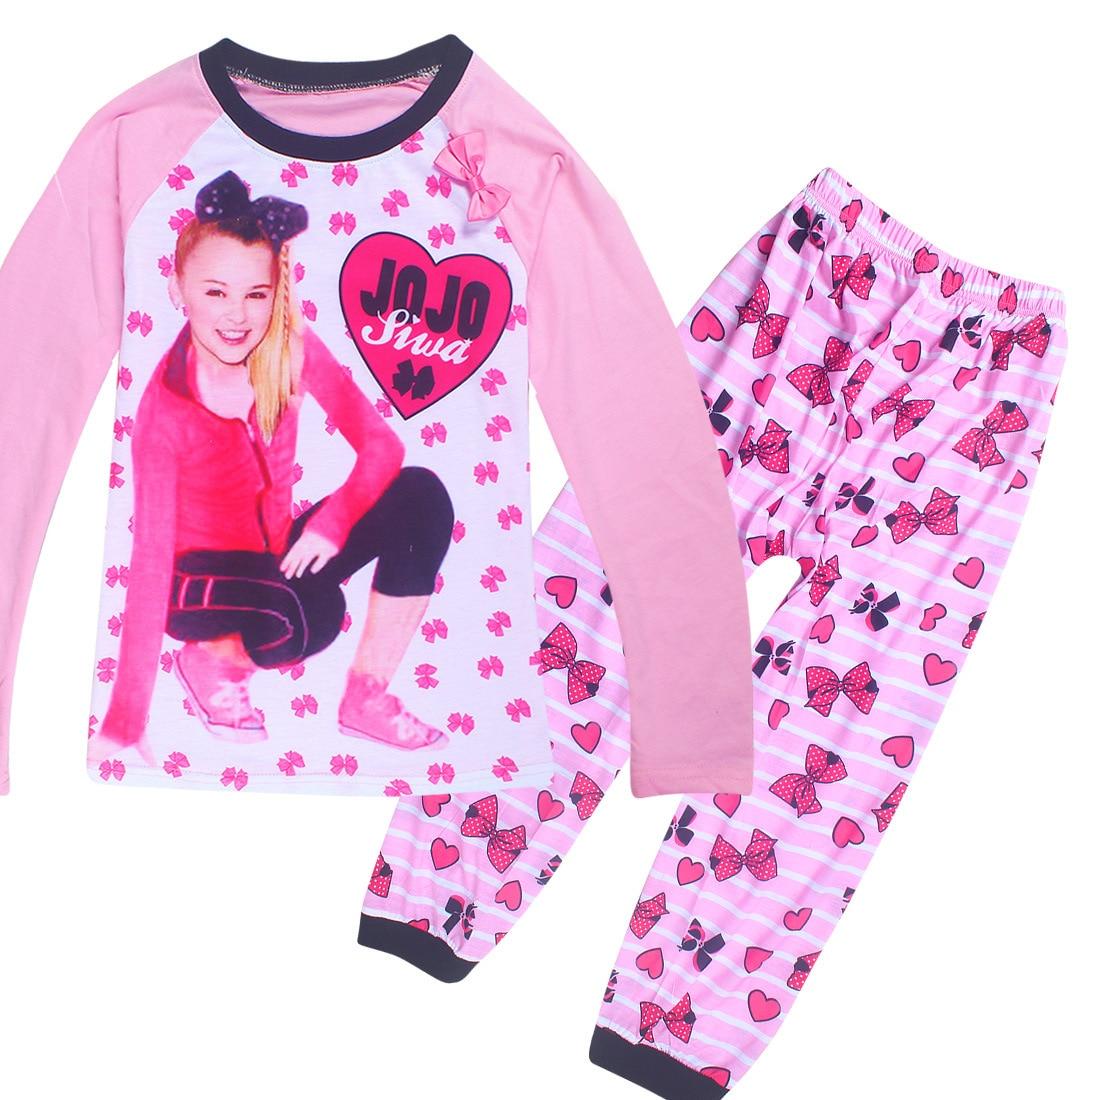 2018 verano niños Ropa Camisetas + Pantalones JO SIWA 2 uds conjuntos moda floral Bebé Deporte traje chicas chándal choches 4-10Y